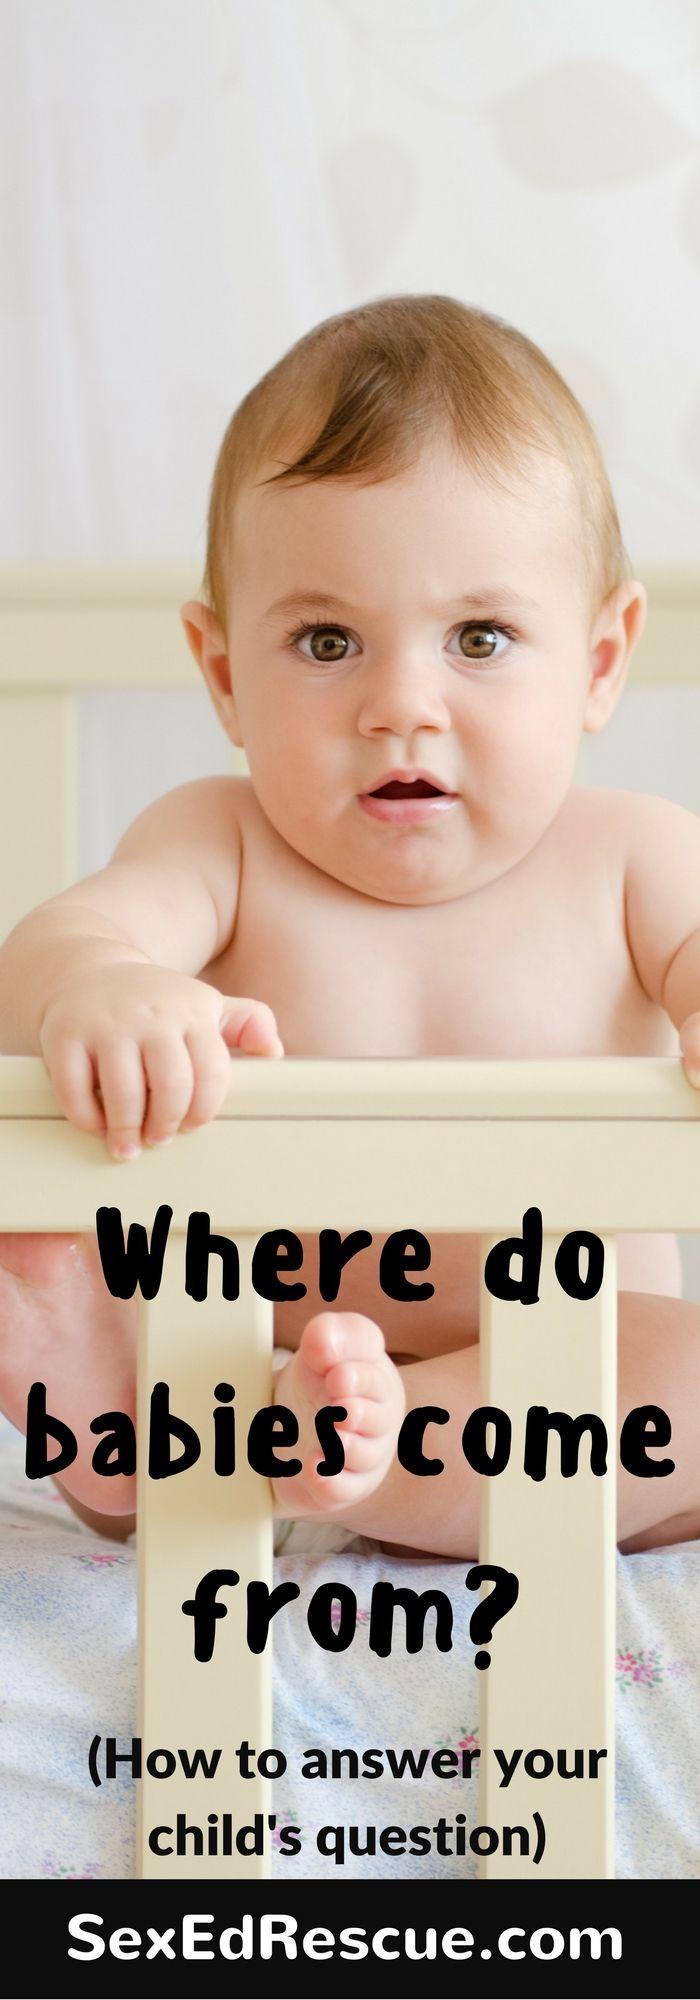 17 Terbaik Ide Tentang Mengasuh Di Pinterest Kiat Mangasuh Anak